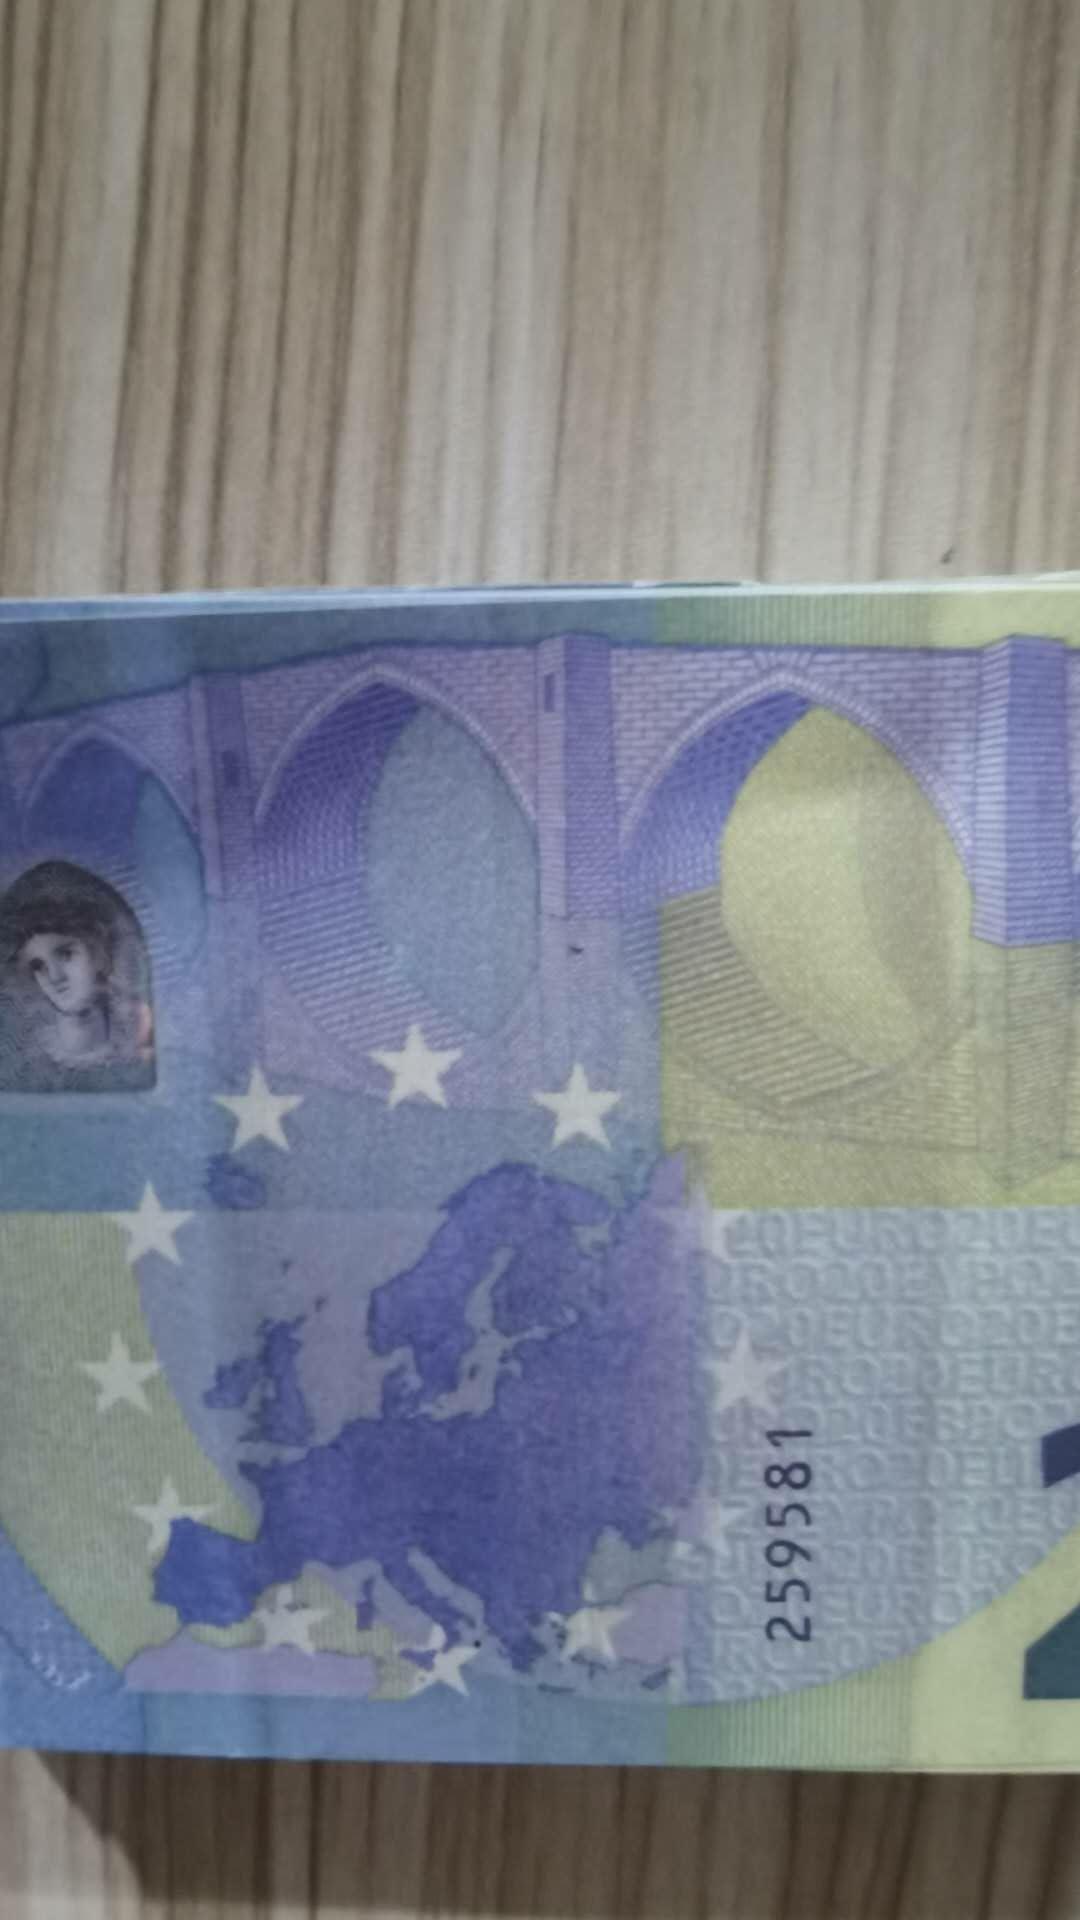 08 PROP COPY PAPEL MONEY EURO BAGS GAME PROP PROP BAR Erwachsene Designer Film Sonderbühne Euro Kinder Spielzeug Gefälschte Währung Prop Avjbt